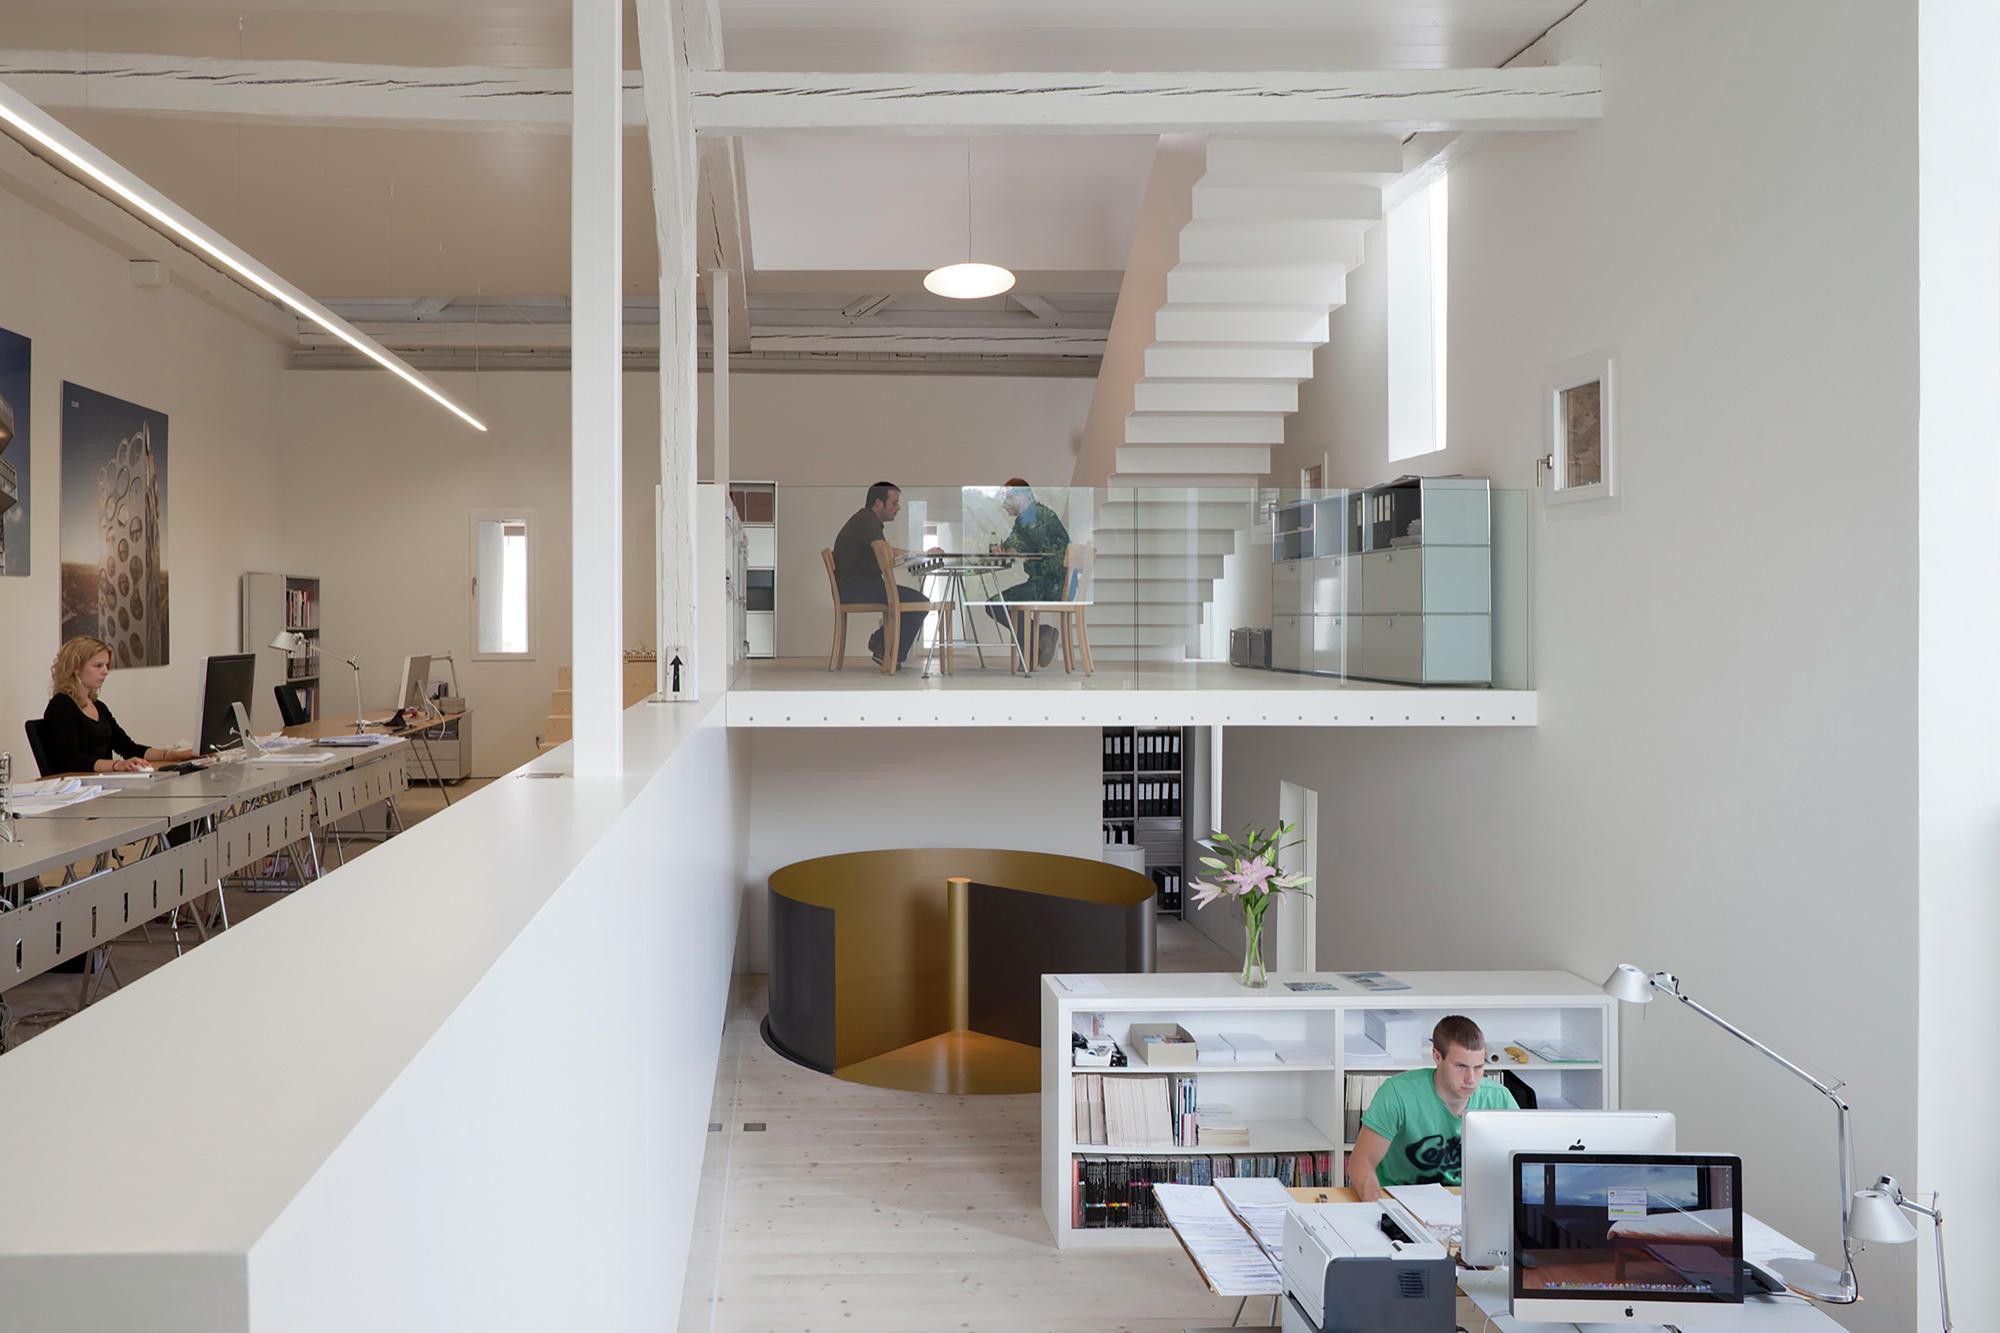 Gallery of kirchplatz residence oa europe office for Plantas de oficinas arquitectura